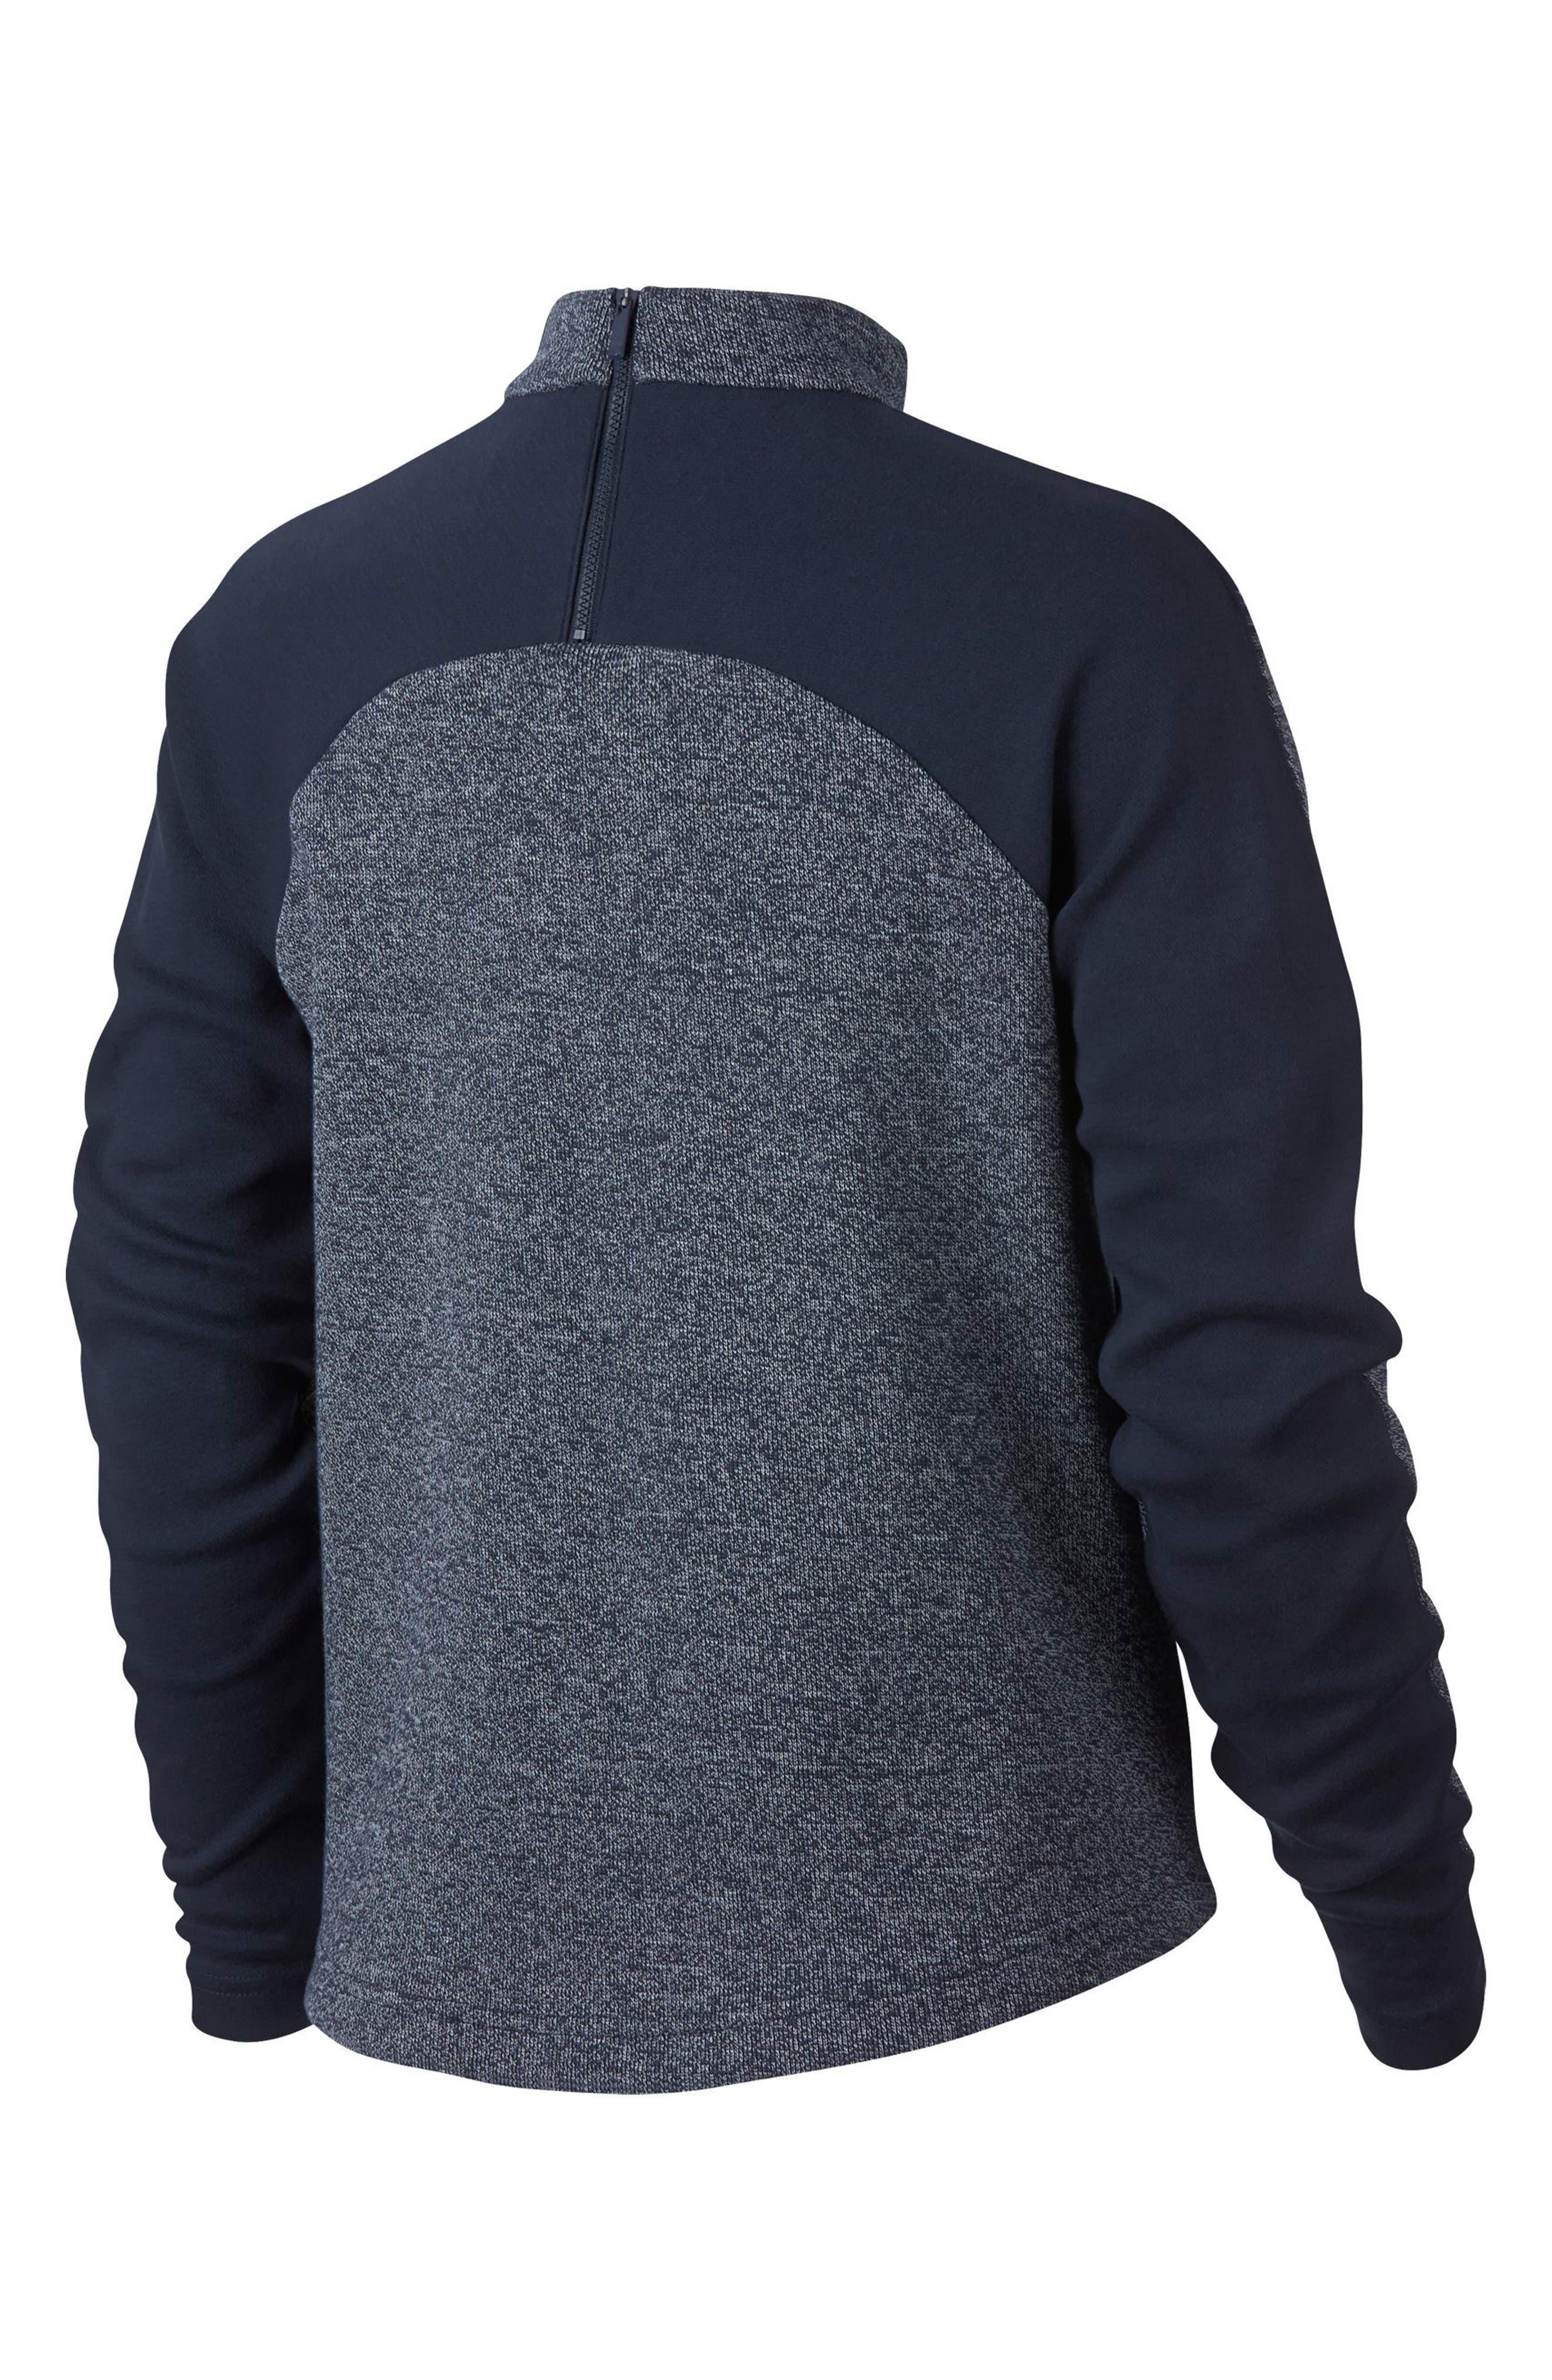 Women's Sportswear Jersey Top,                             Alternate thumbnail 6, color,                             451